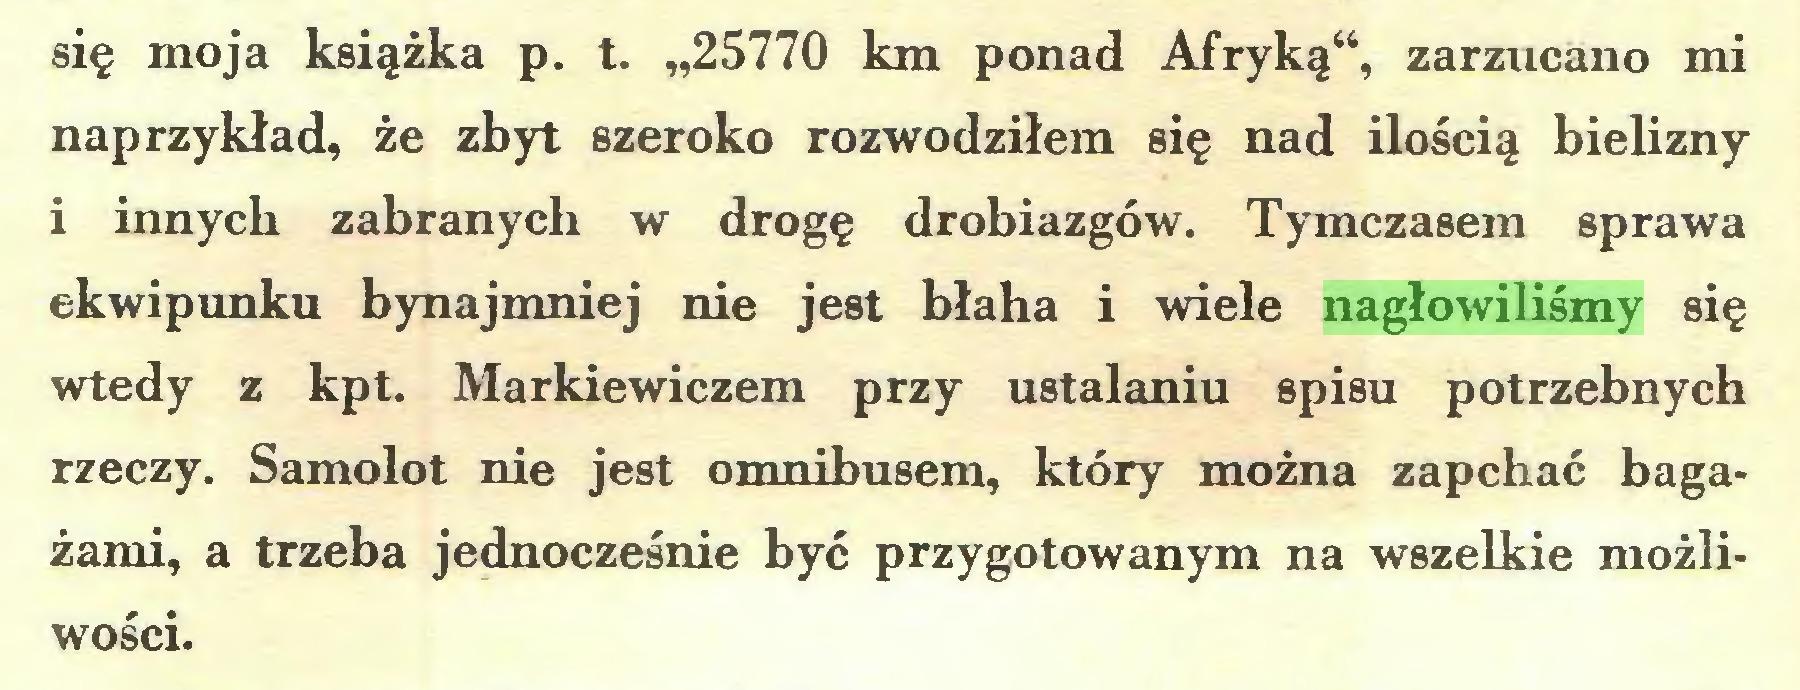 """(...) się moja książka p. t. """"25770 km ponad Afryką"""", zarzucano mi naprzykład, że zbyt szeroko rozwodziłem się nad ilością bielizny i innych zabranych w drogę drobiazgów. Tymczasem sprawa ekwipunku bynajmniej nie jest błaha i wiele nagłowiliśmy się wtedy z kpt. Markiewiczem przy ustalaniu spisu potrzebnych rzeczy. Samolot nie jest omnibusem, który można zapchać bagażami, a trzeba jednocześnie być przygotowanym na wszelkie możliwości..."""